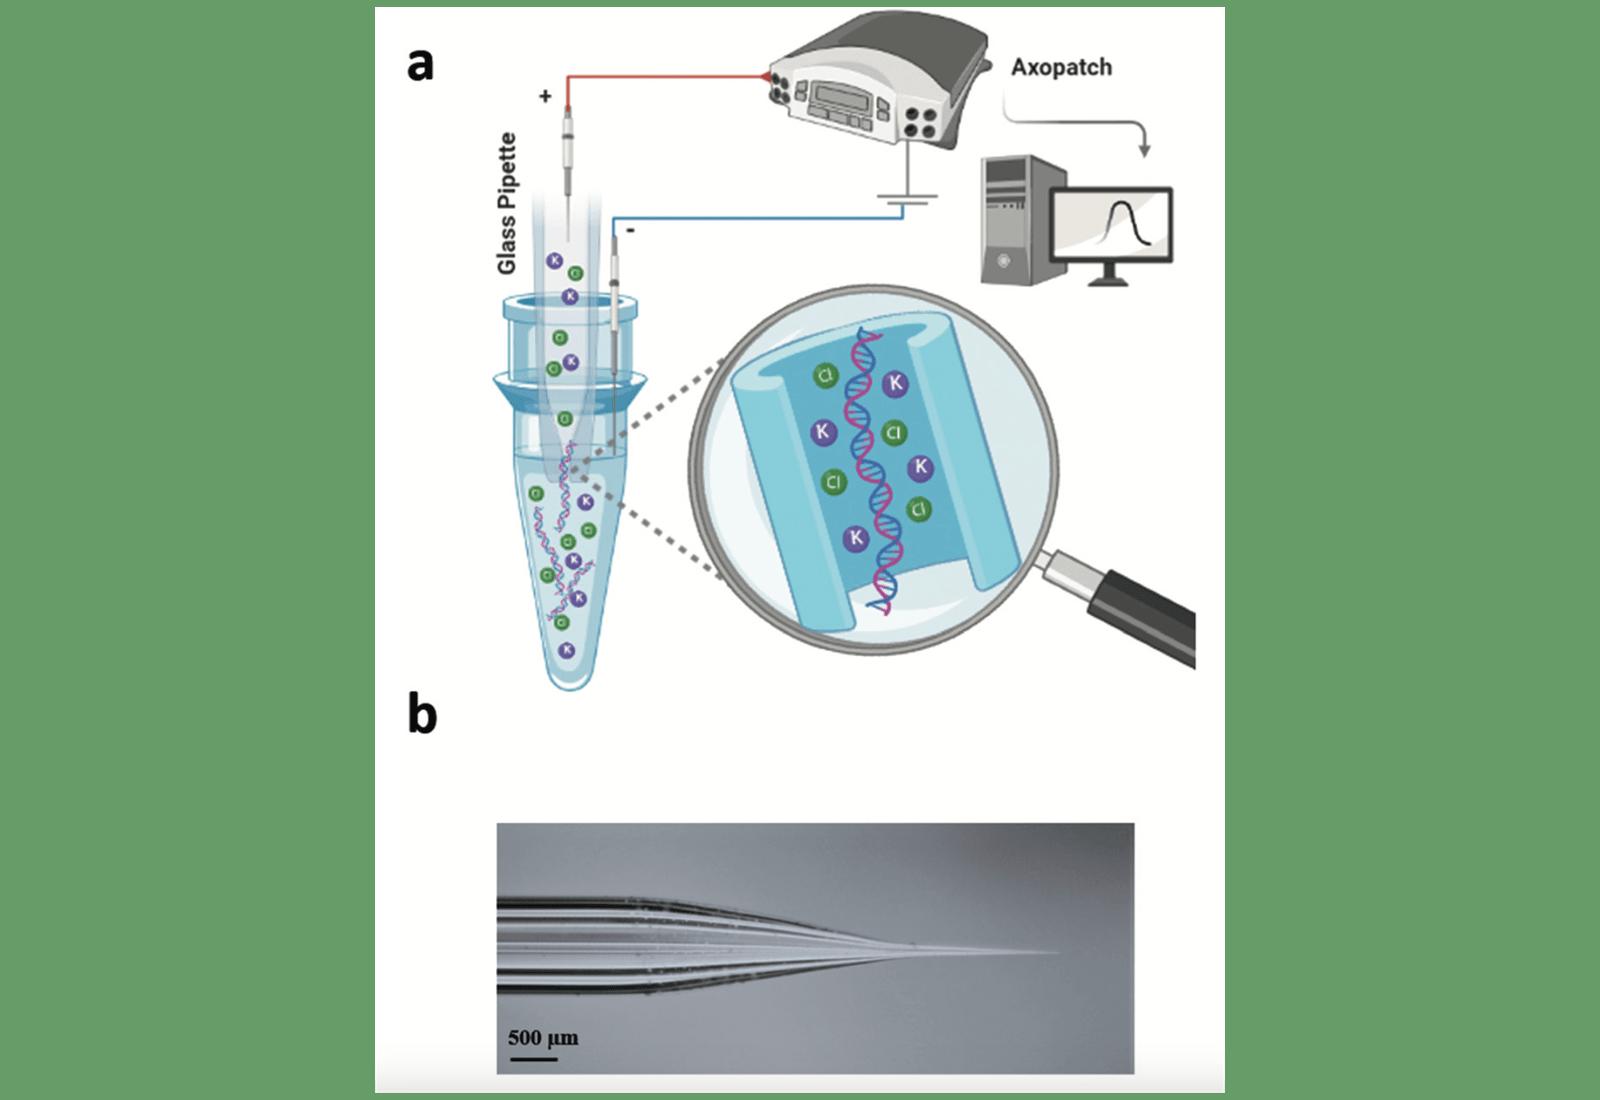 Наиллюстрации: (a)— стеклянная трубка скрошечным отверстием иэлектродом, введённая вжидкий образец для сбора плавающей вобразце ДНК; (b) фотография нанопипетки из боросиликатного стекла.